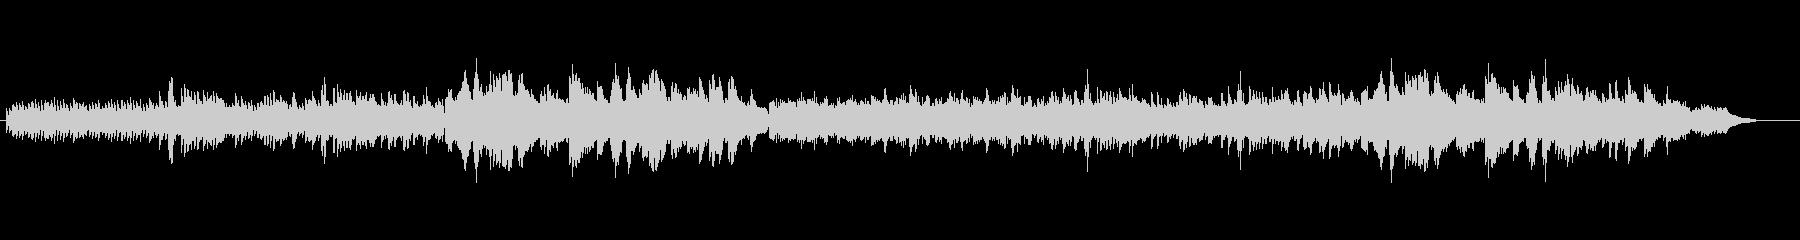 切ない旋律のピアノ曲の未再生の波形